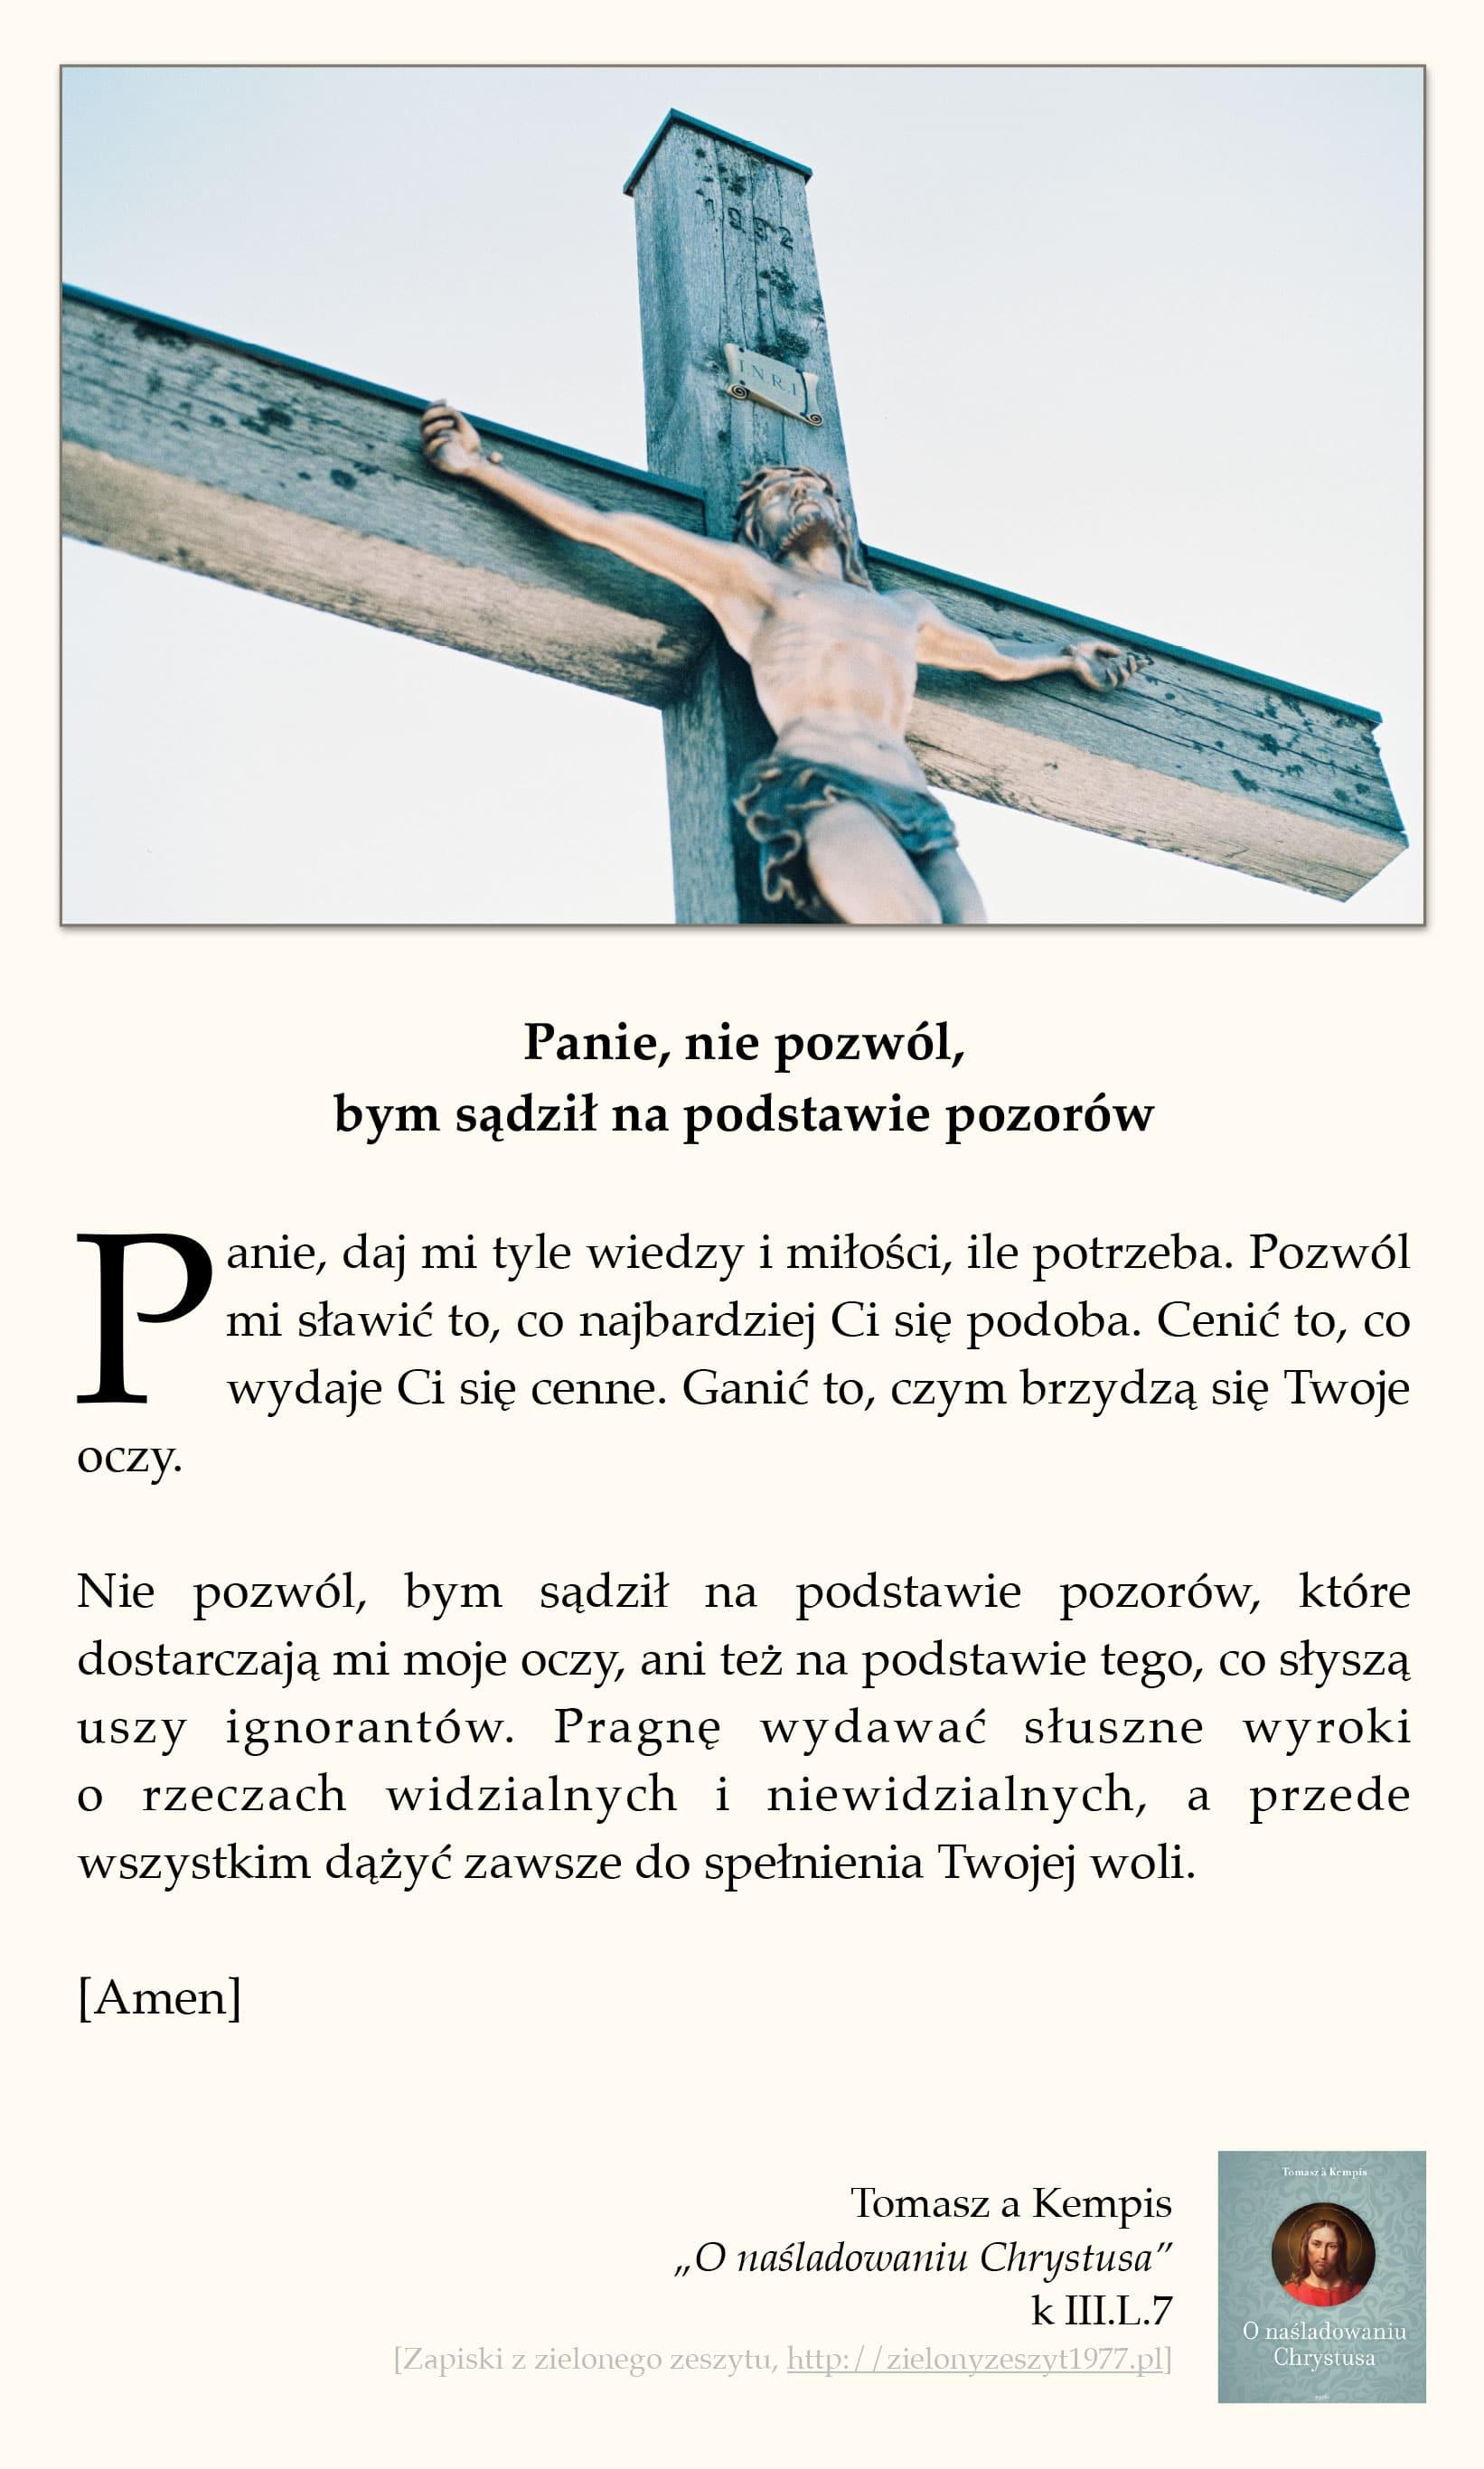 """Tomasz a Kempis, """"O naśladowaniu Chrystusa"""", k II.L.7 (Panie, nie pozwól, bym sądził na podstawie pozorów)"""